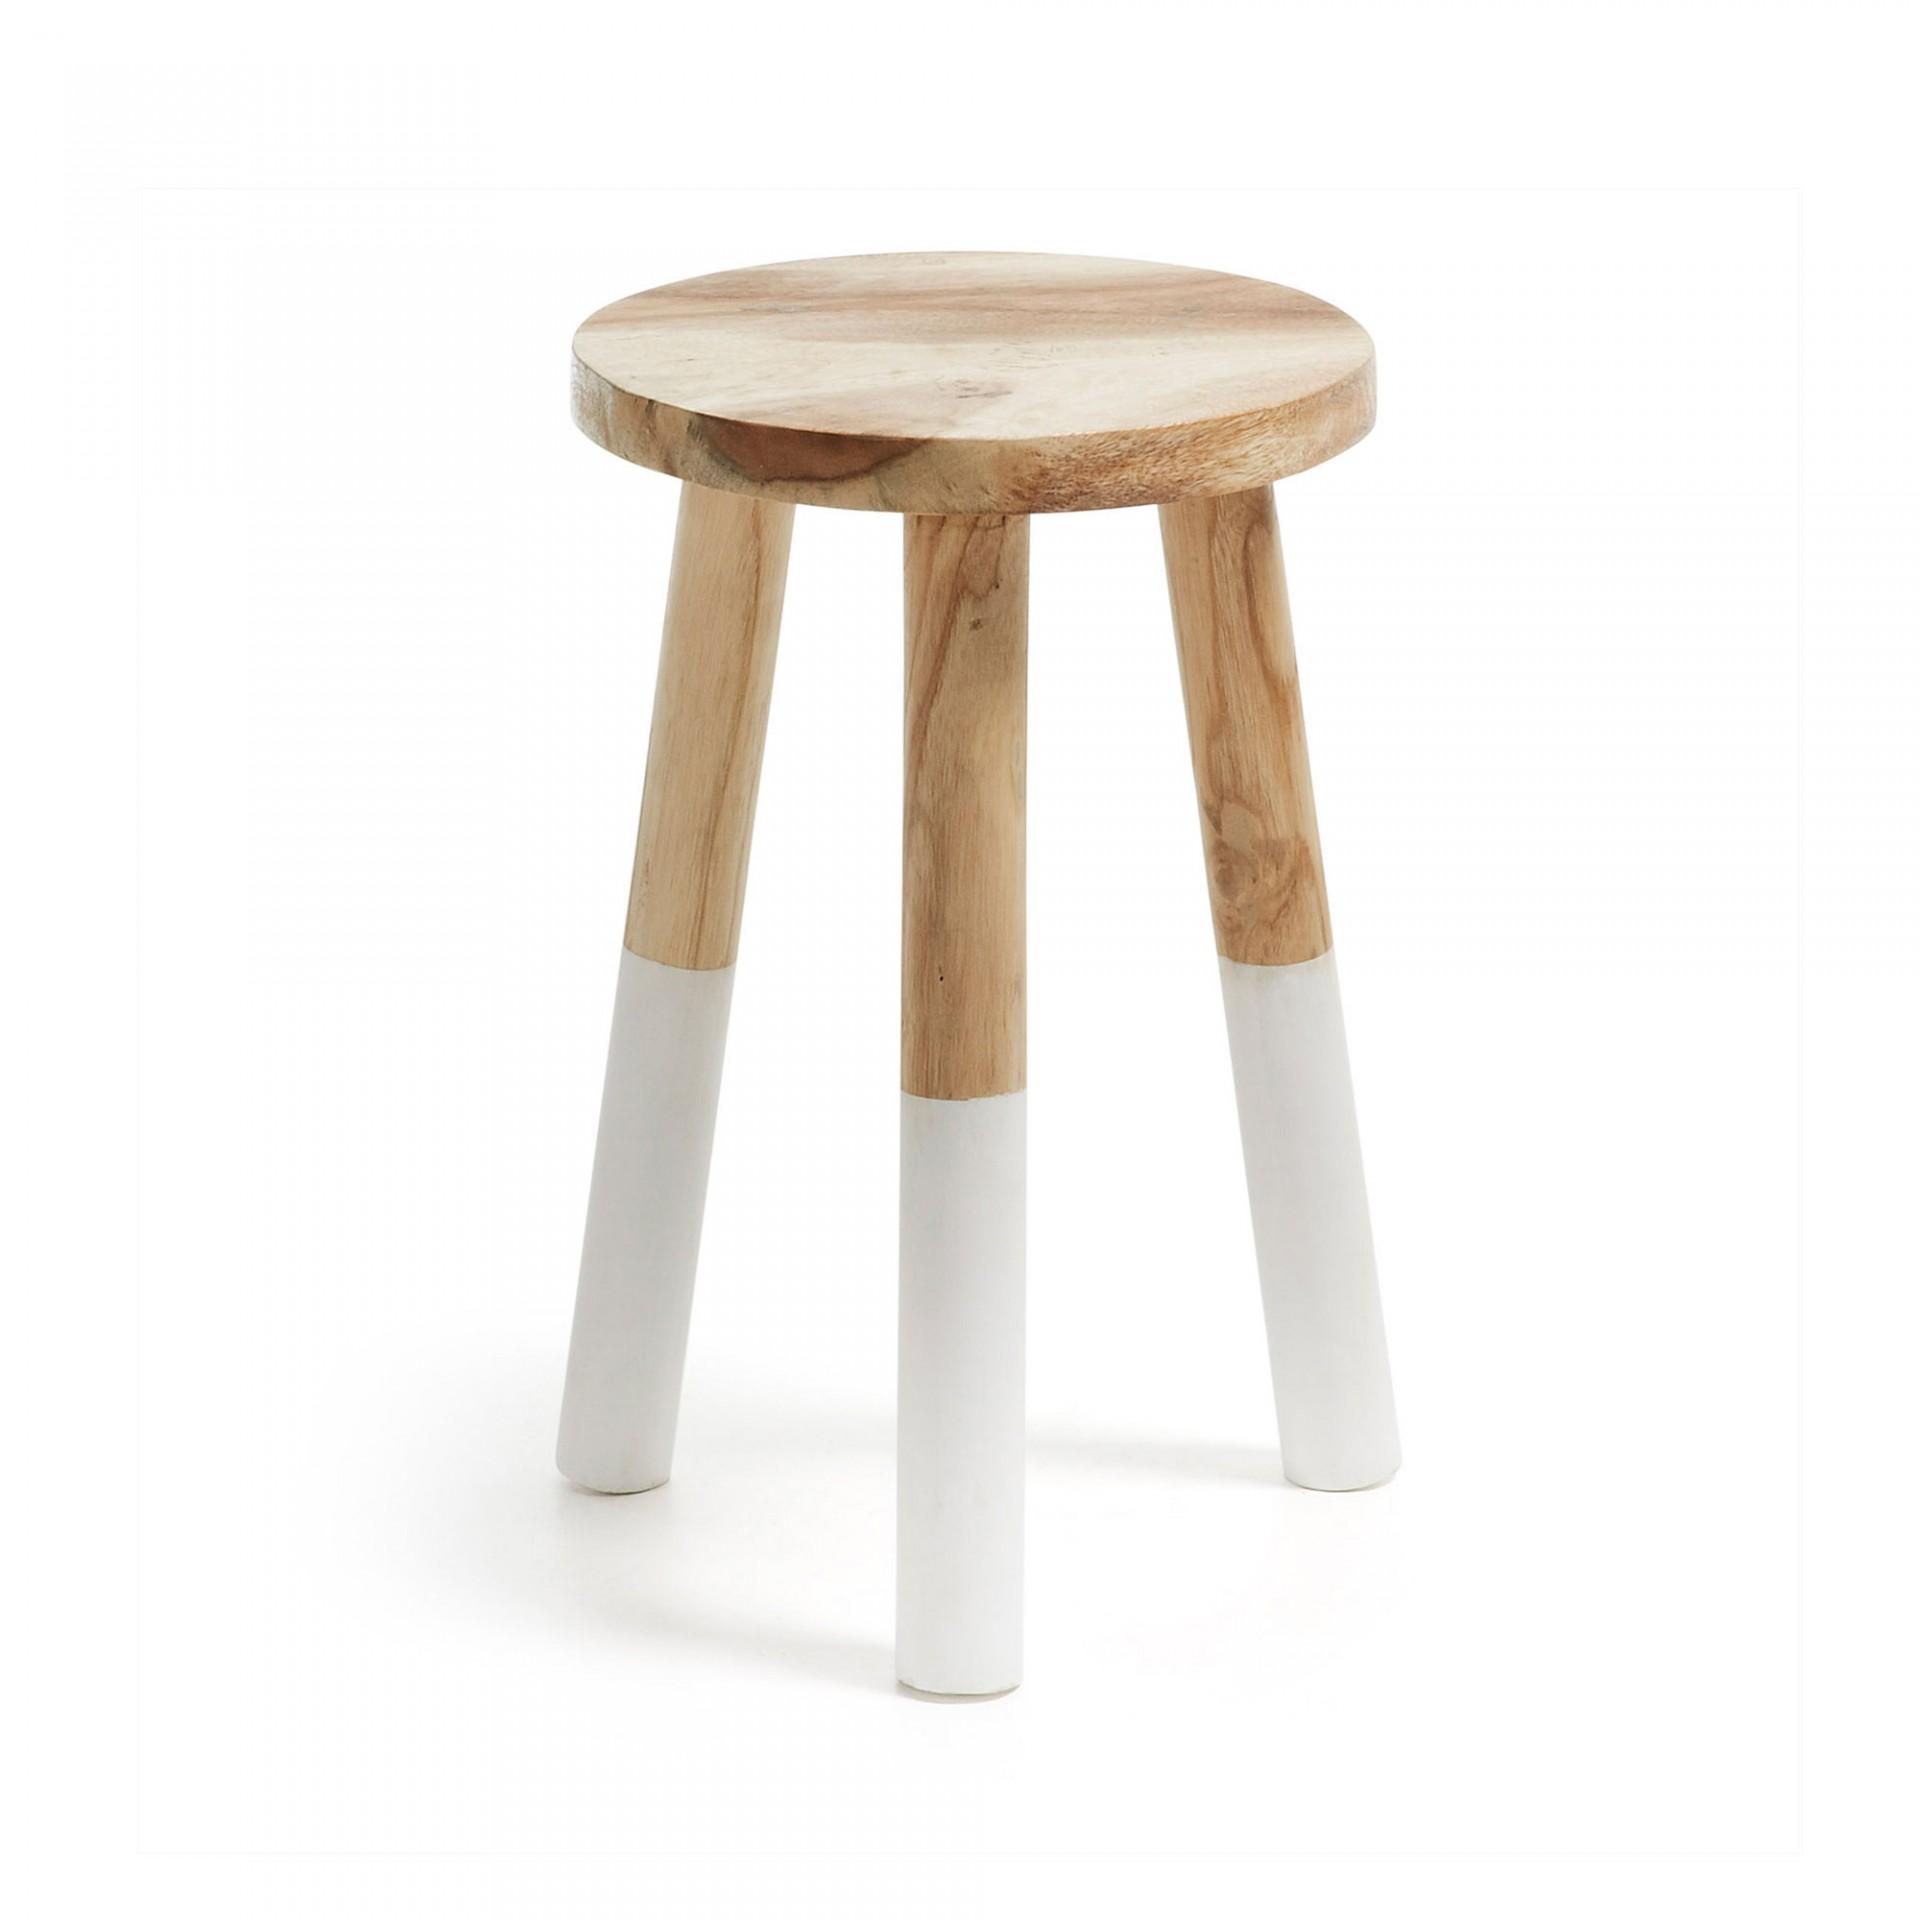 Tamborete Bross, madeira munggur natural, Ø30x44